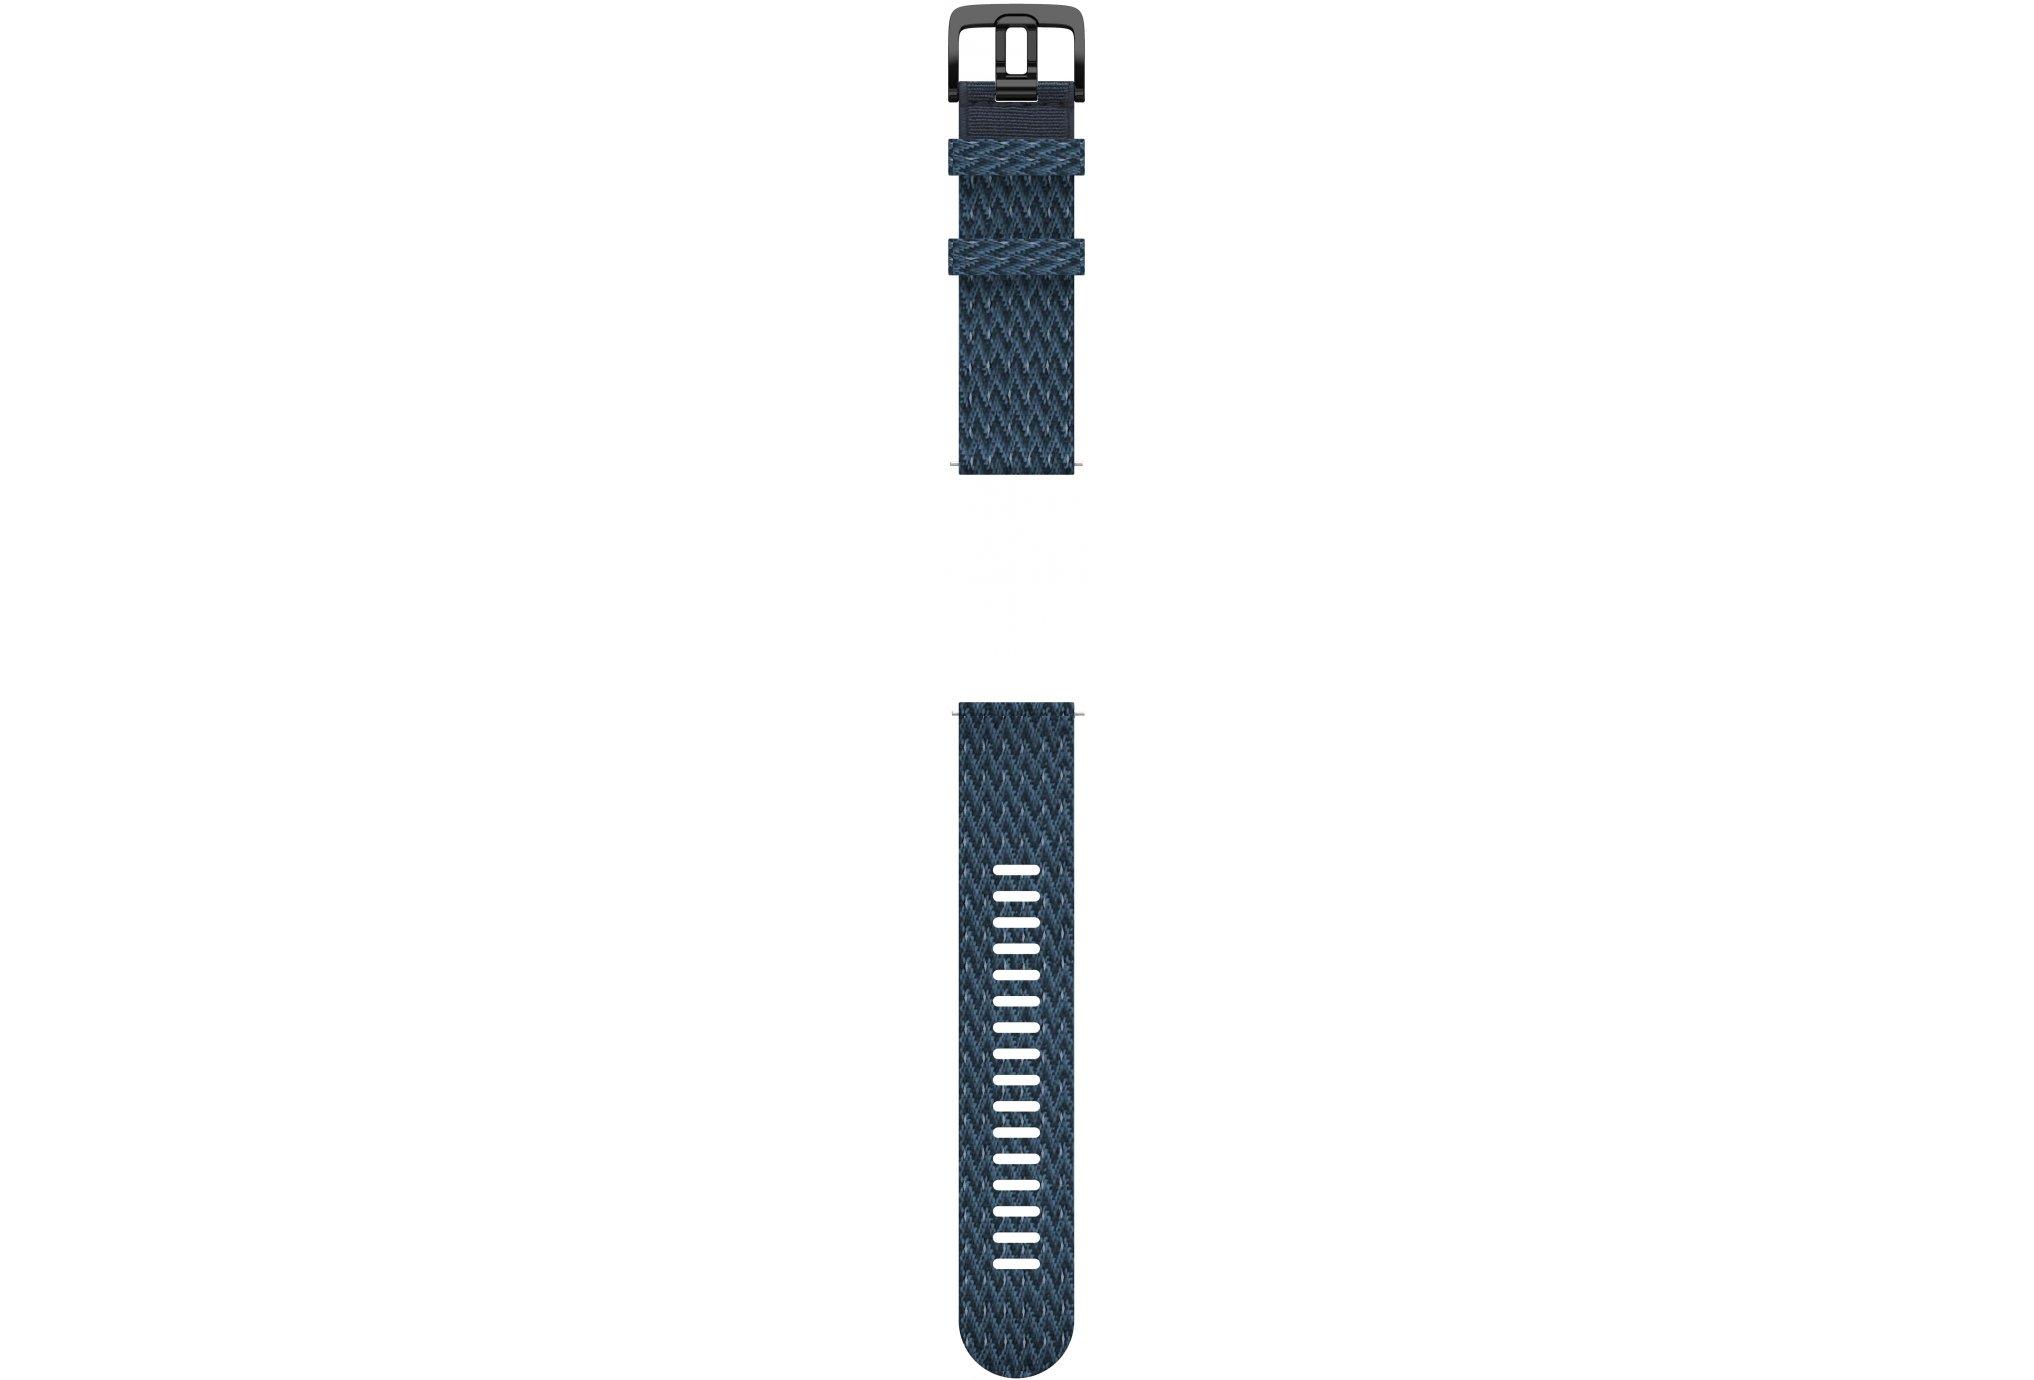 Polar Bracelet tissé Grit X - M/L Accessoires montres/ Bracelets